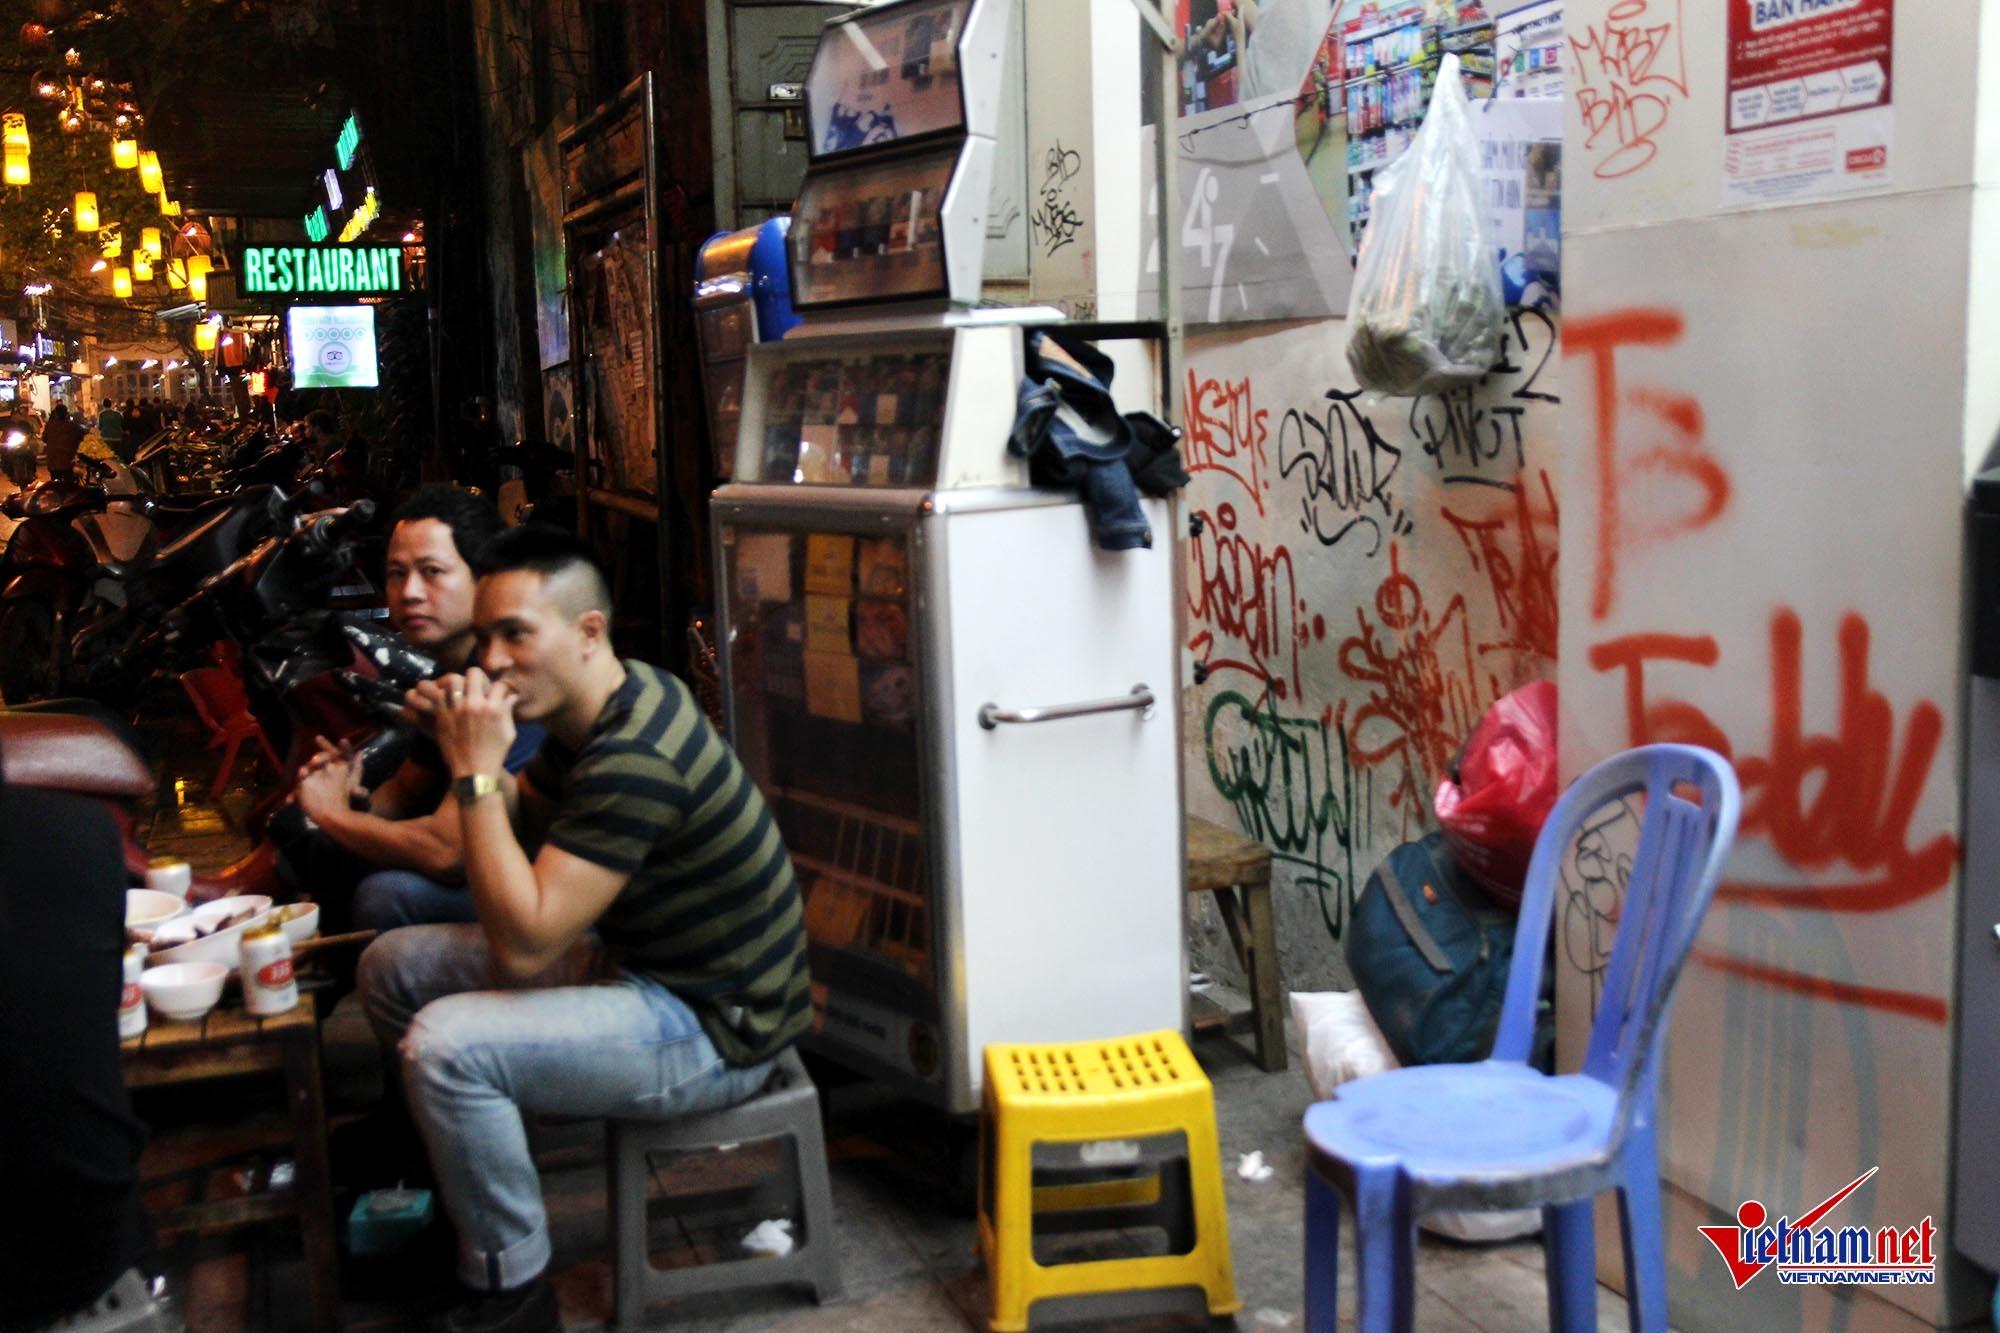 Graffiti nguệch ngoạc nhem nhuốc phố cổ Hà Nội